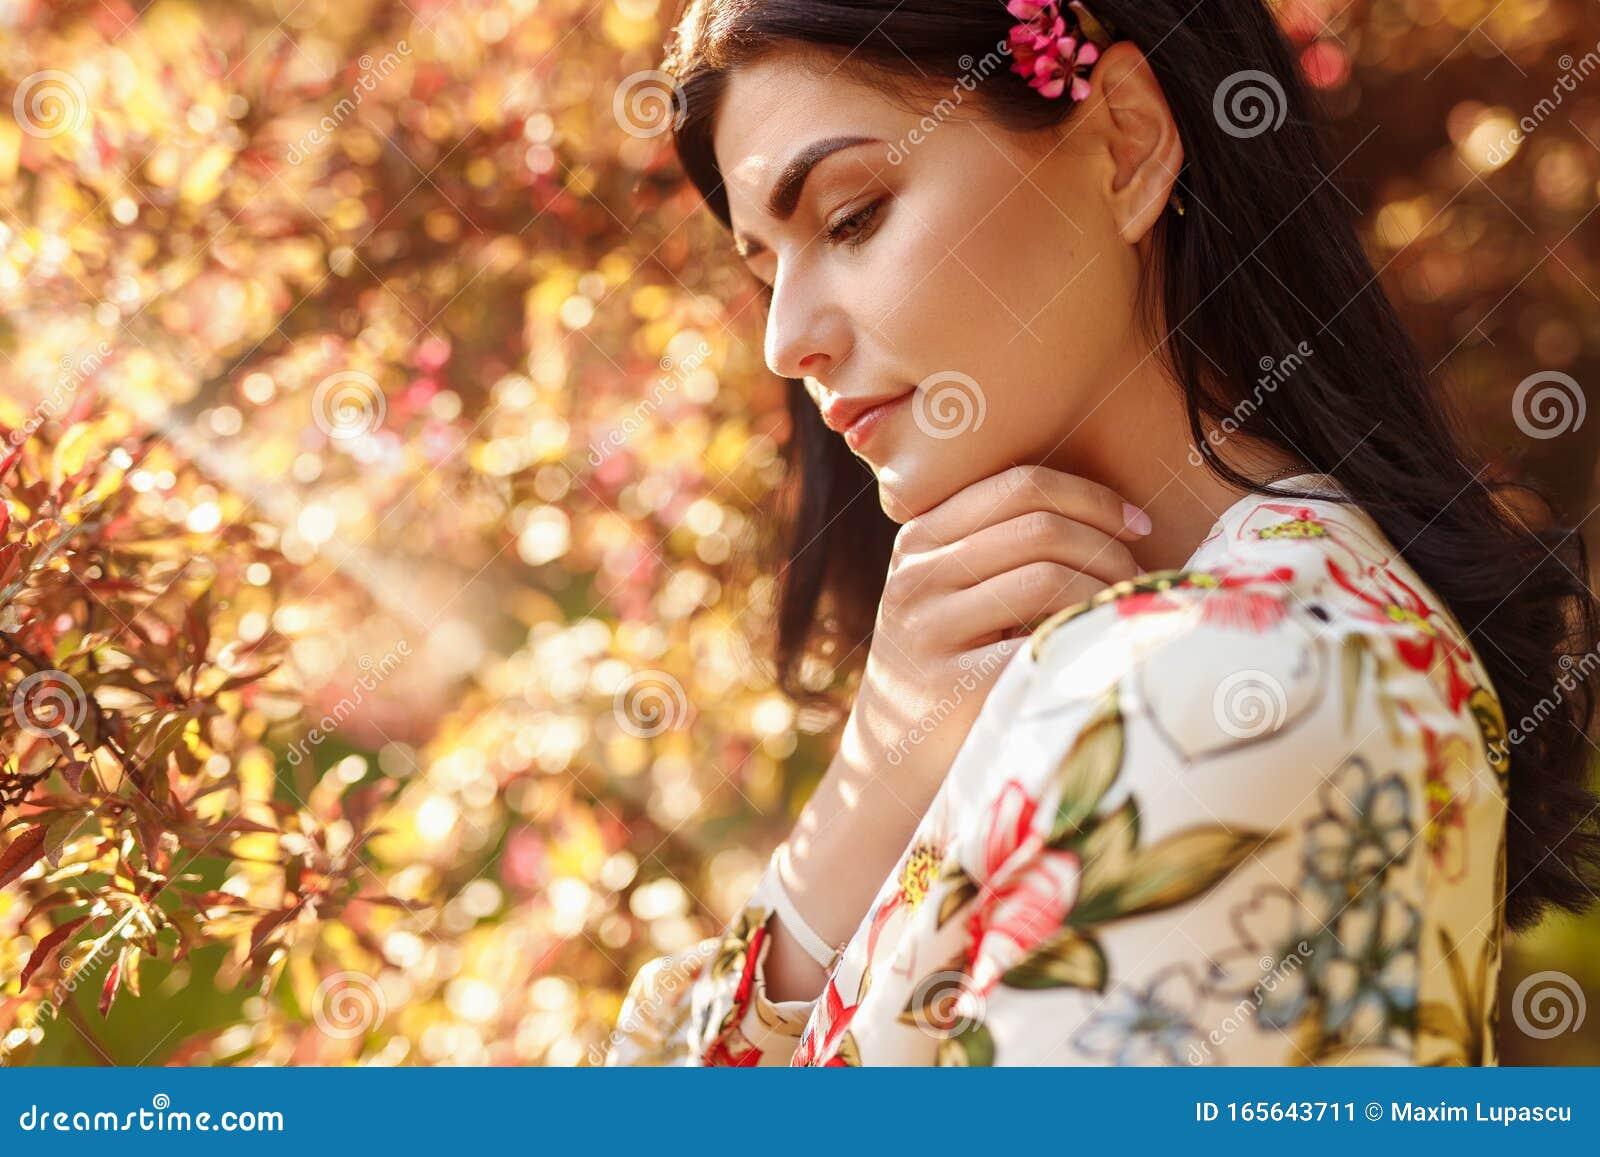 Donna Pura Con Fiore Dietro L'orecchio Al Caldo Sole ...